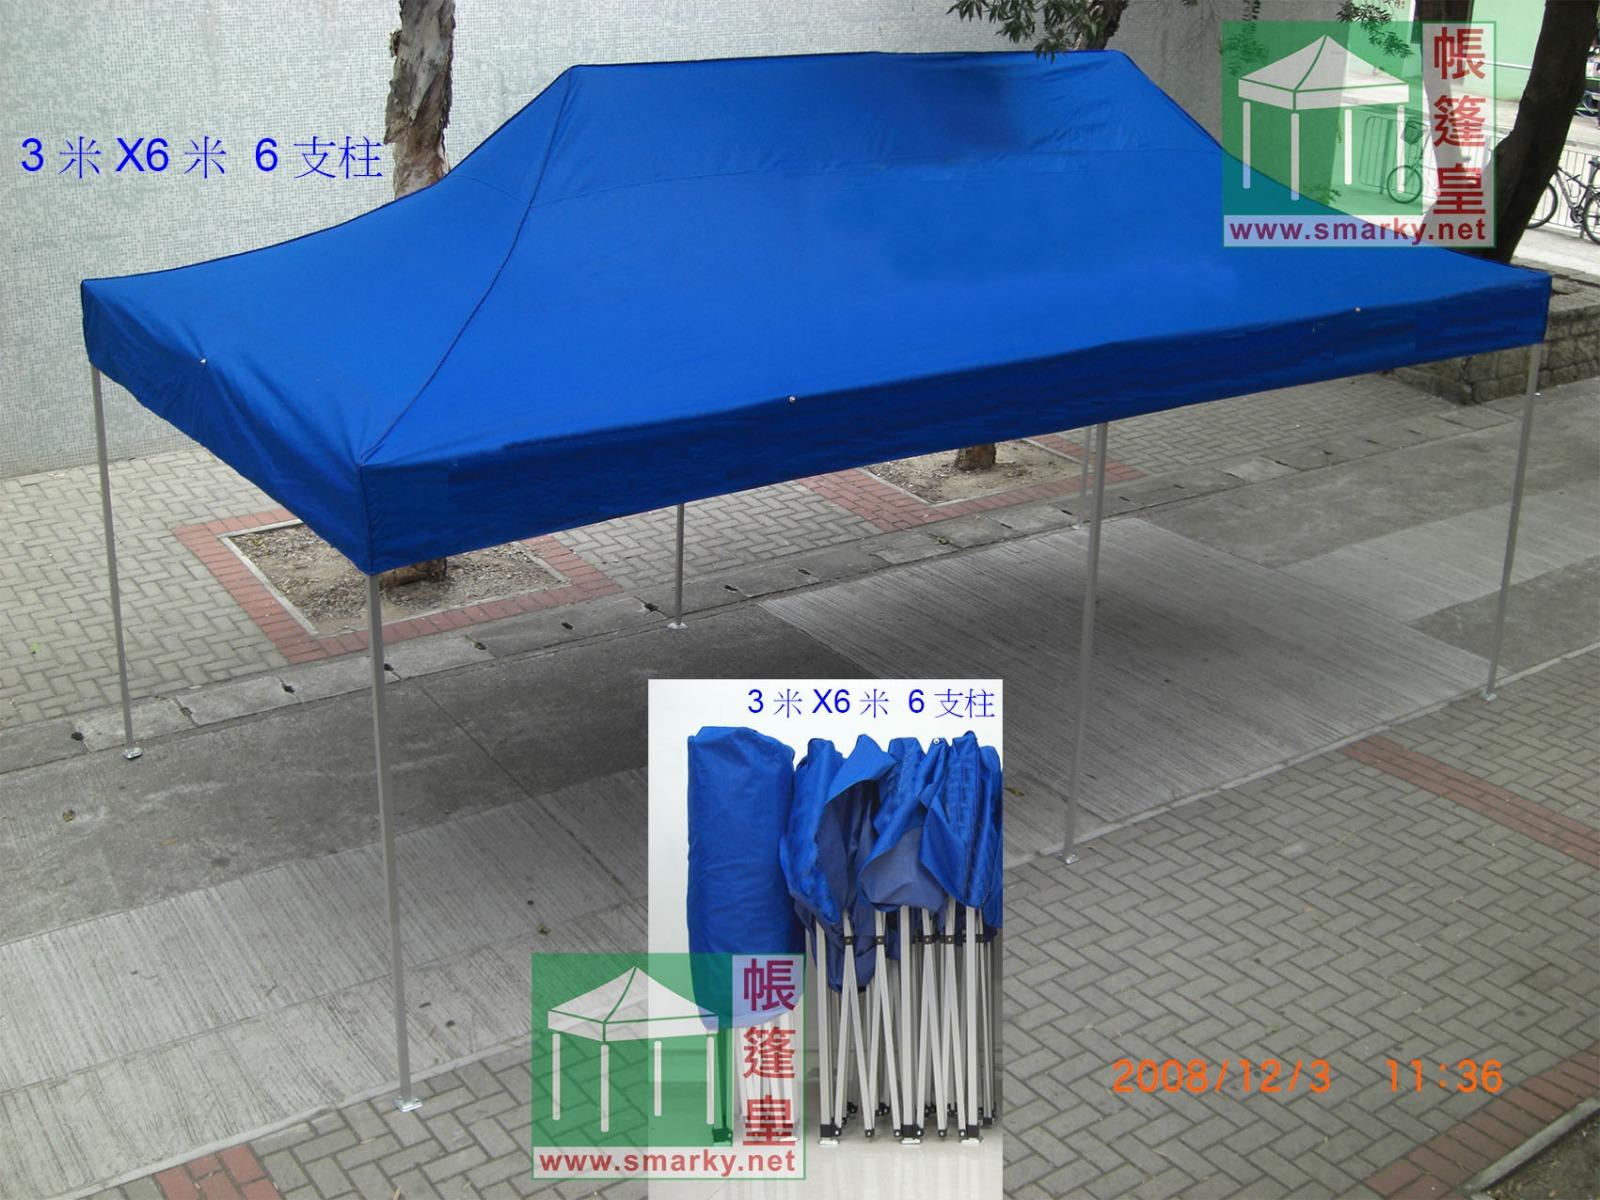 易摺合帳篷-3.0Mx6.0M Canopy 帳篷